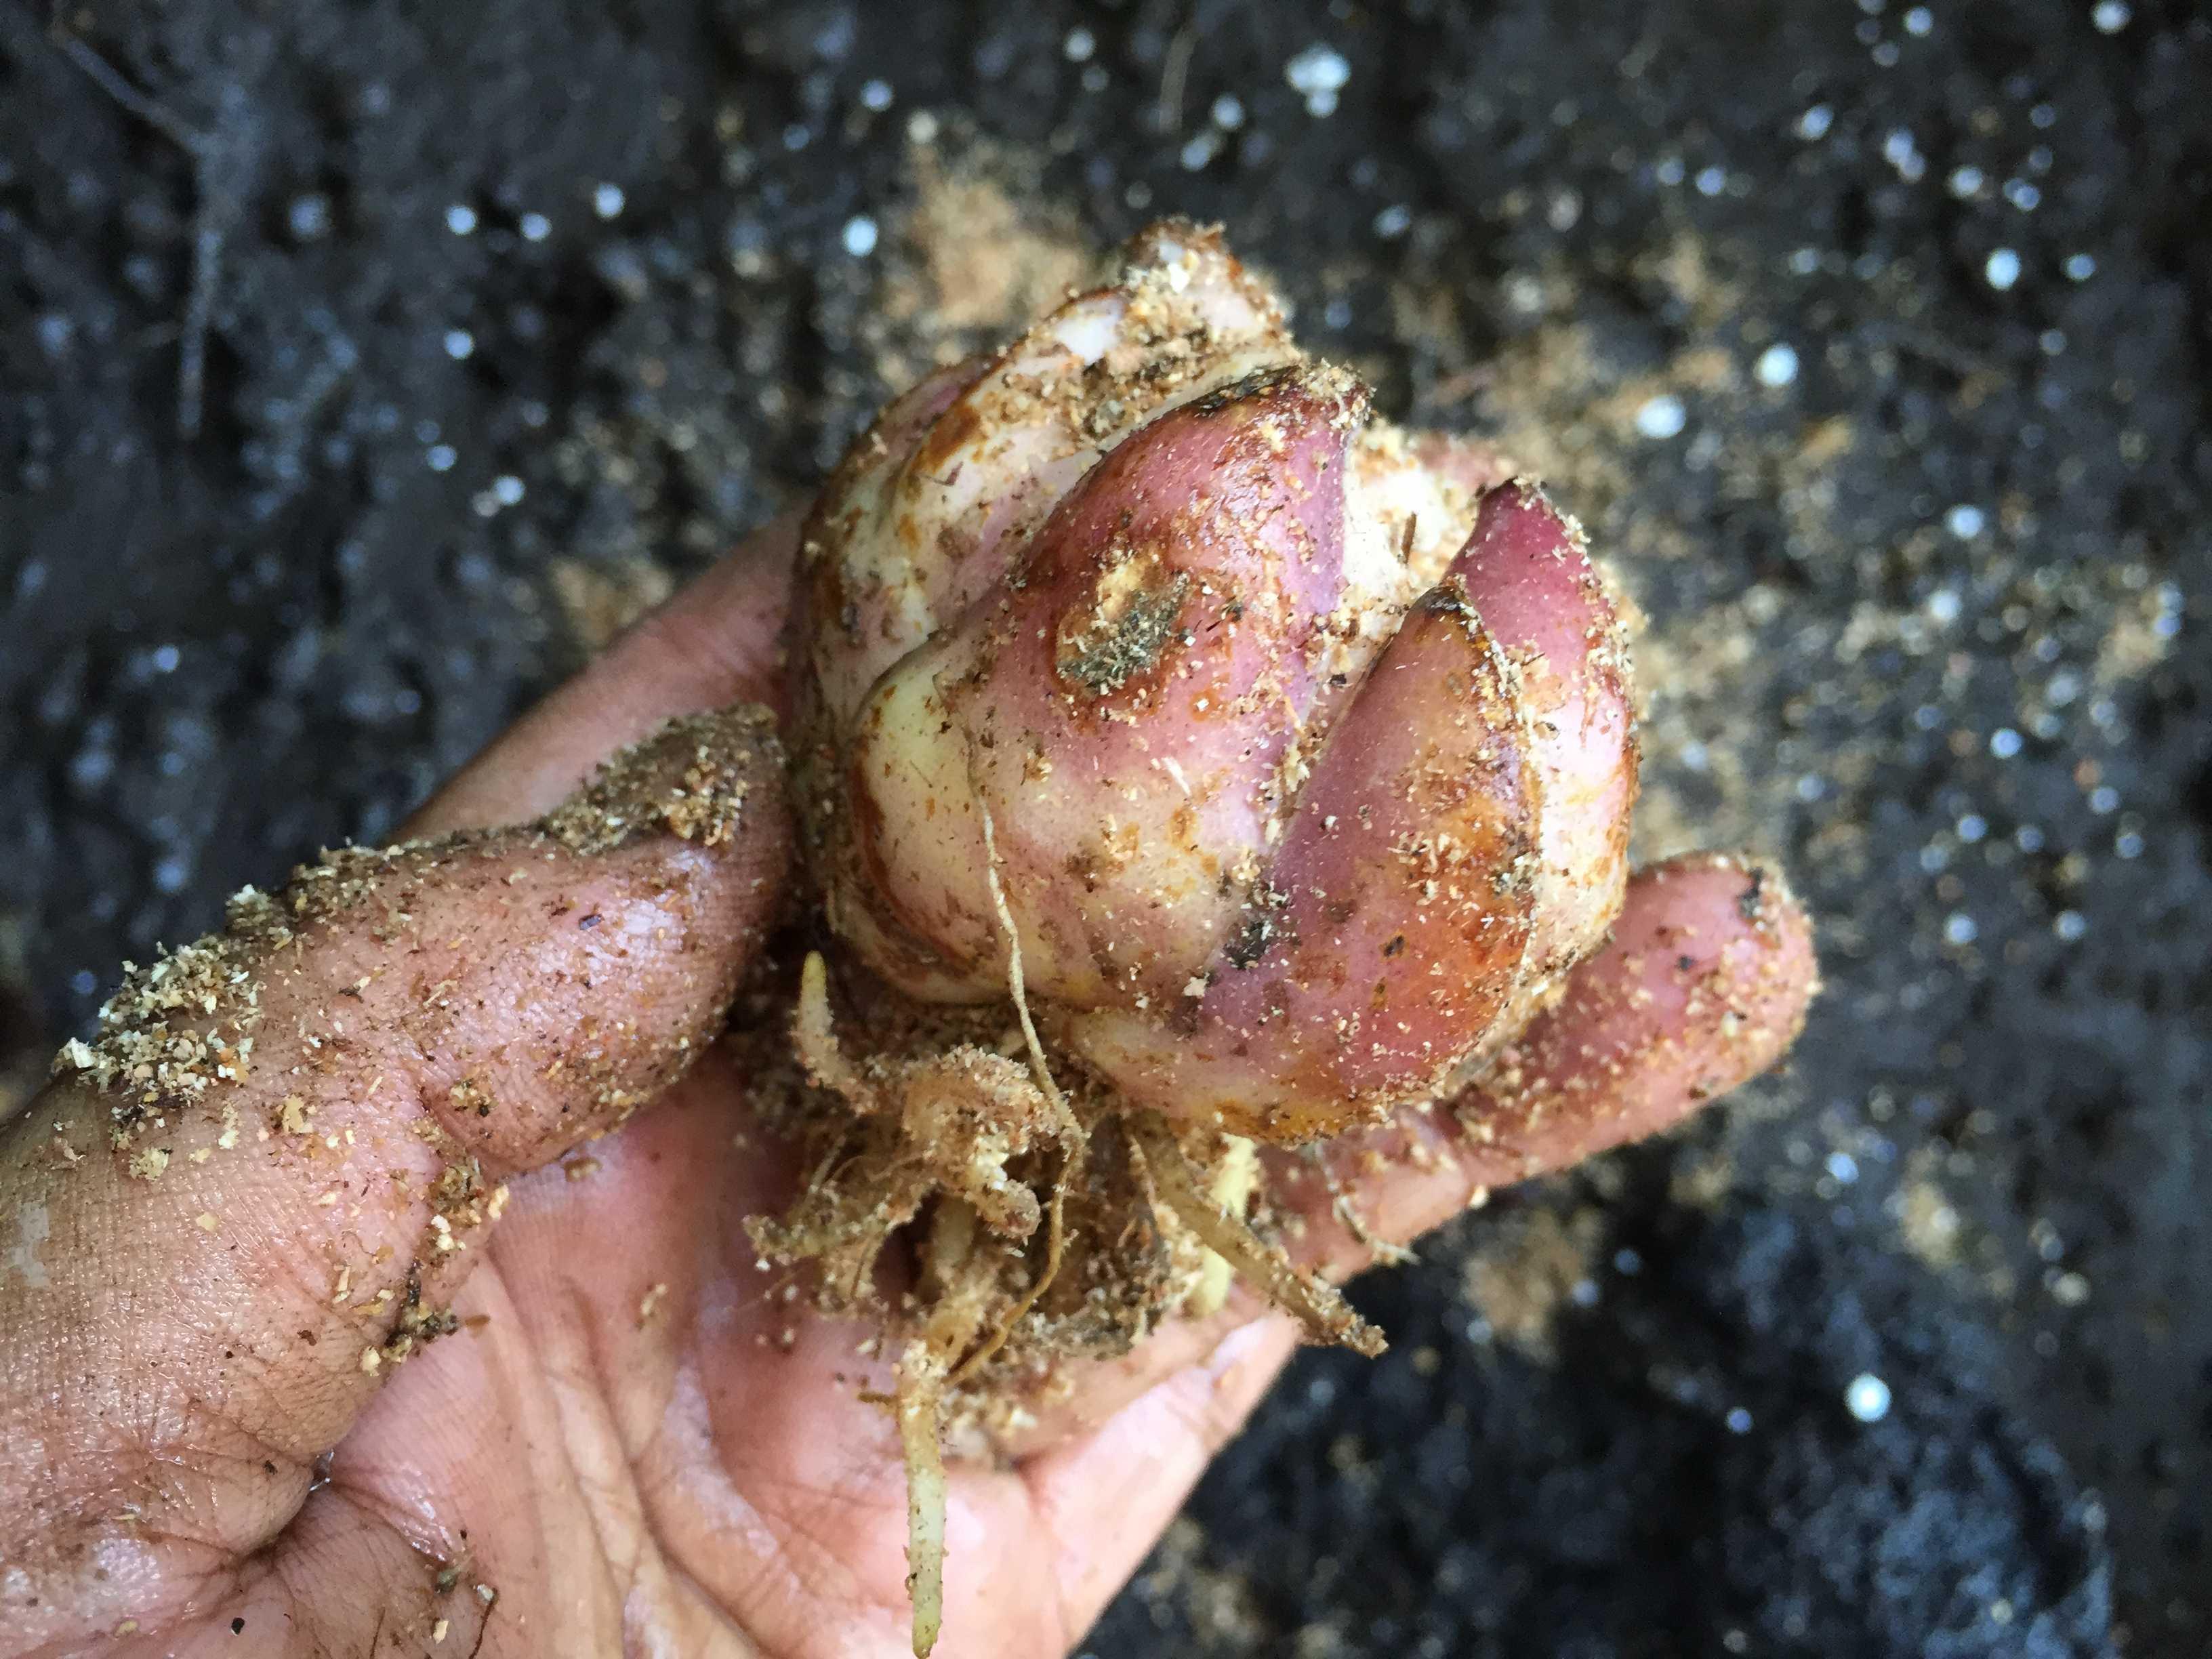 ヤマユリの球根植え付け - 格安の小ぶりな球根